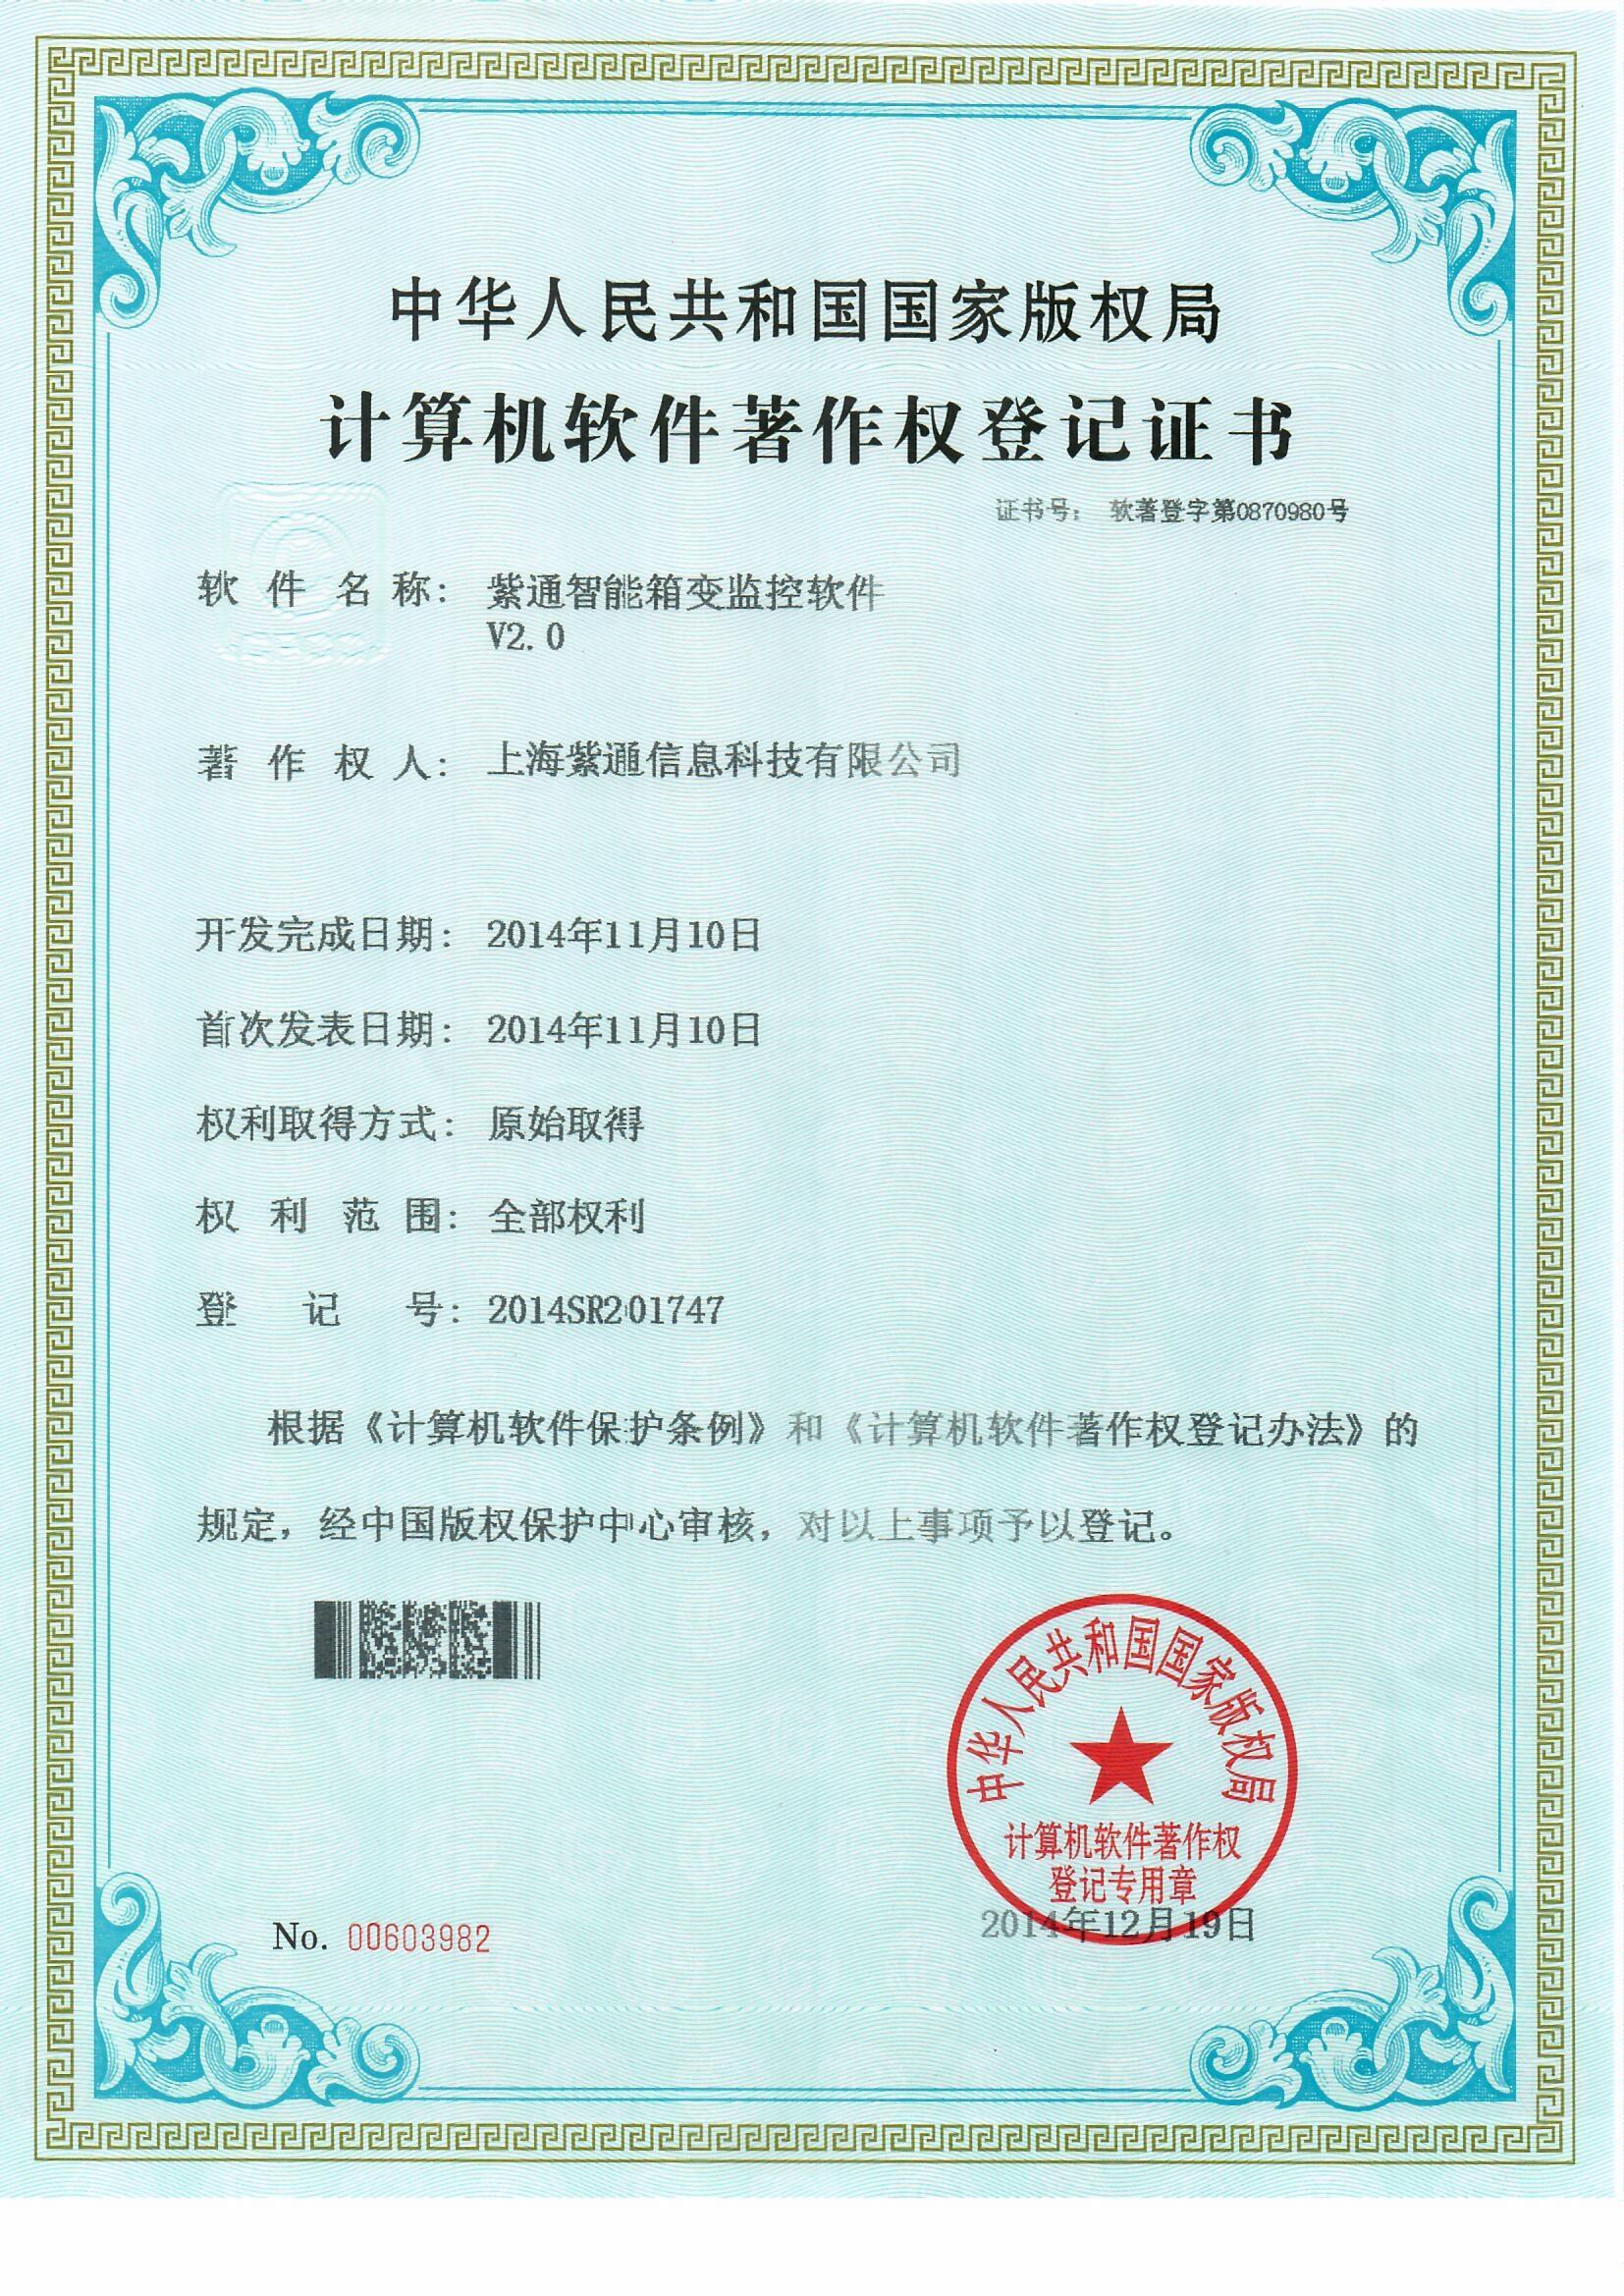 软件著作权登记证书0004